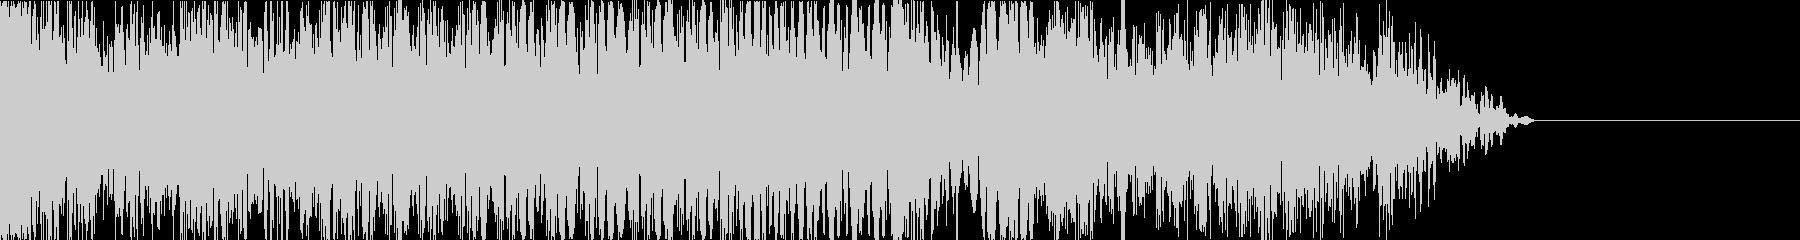 サイバーな音のグリッチのテープストップの未再生の波形